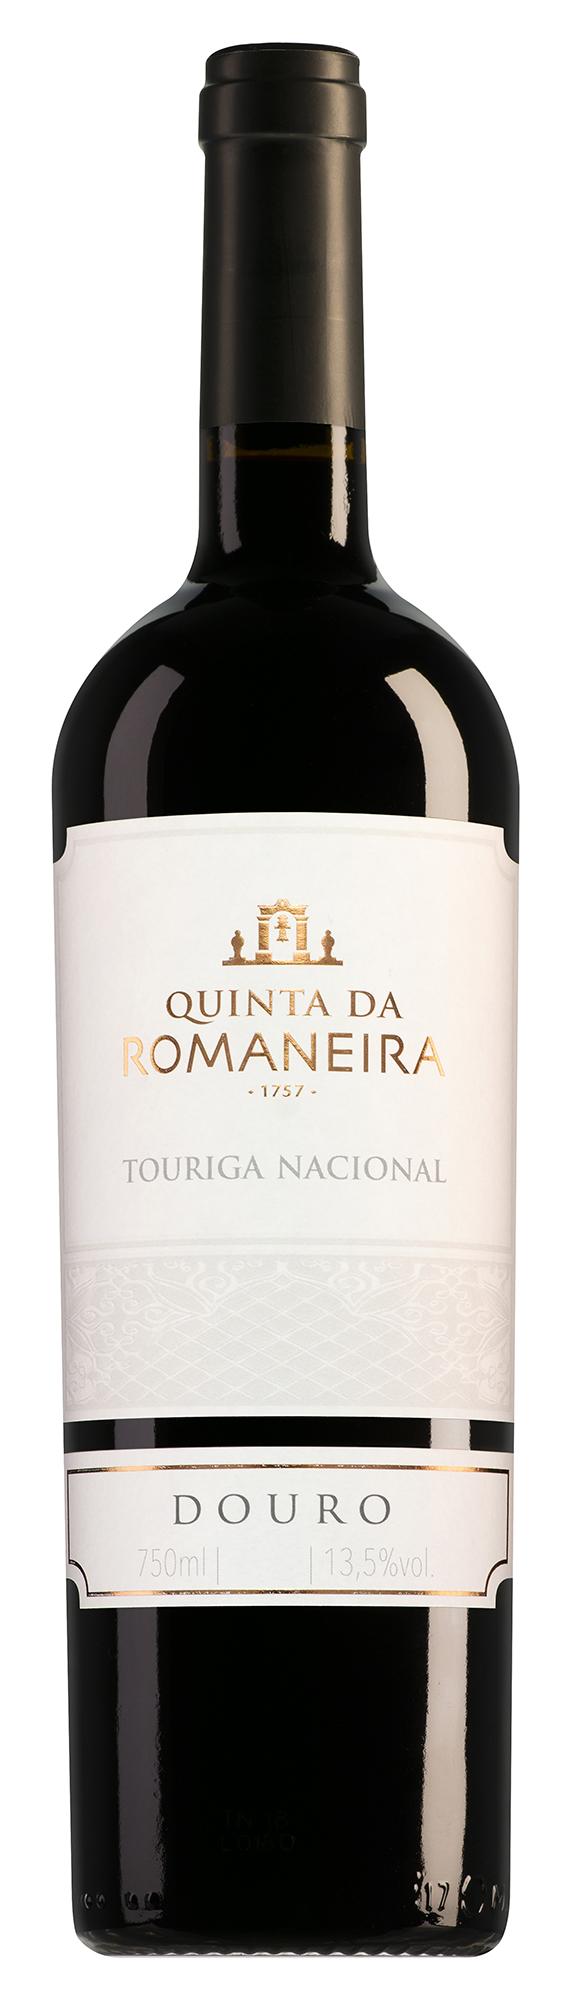 Quinta da Romaneira Douro Touriga Nacional